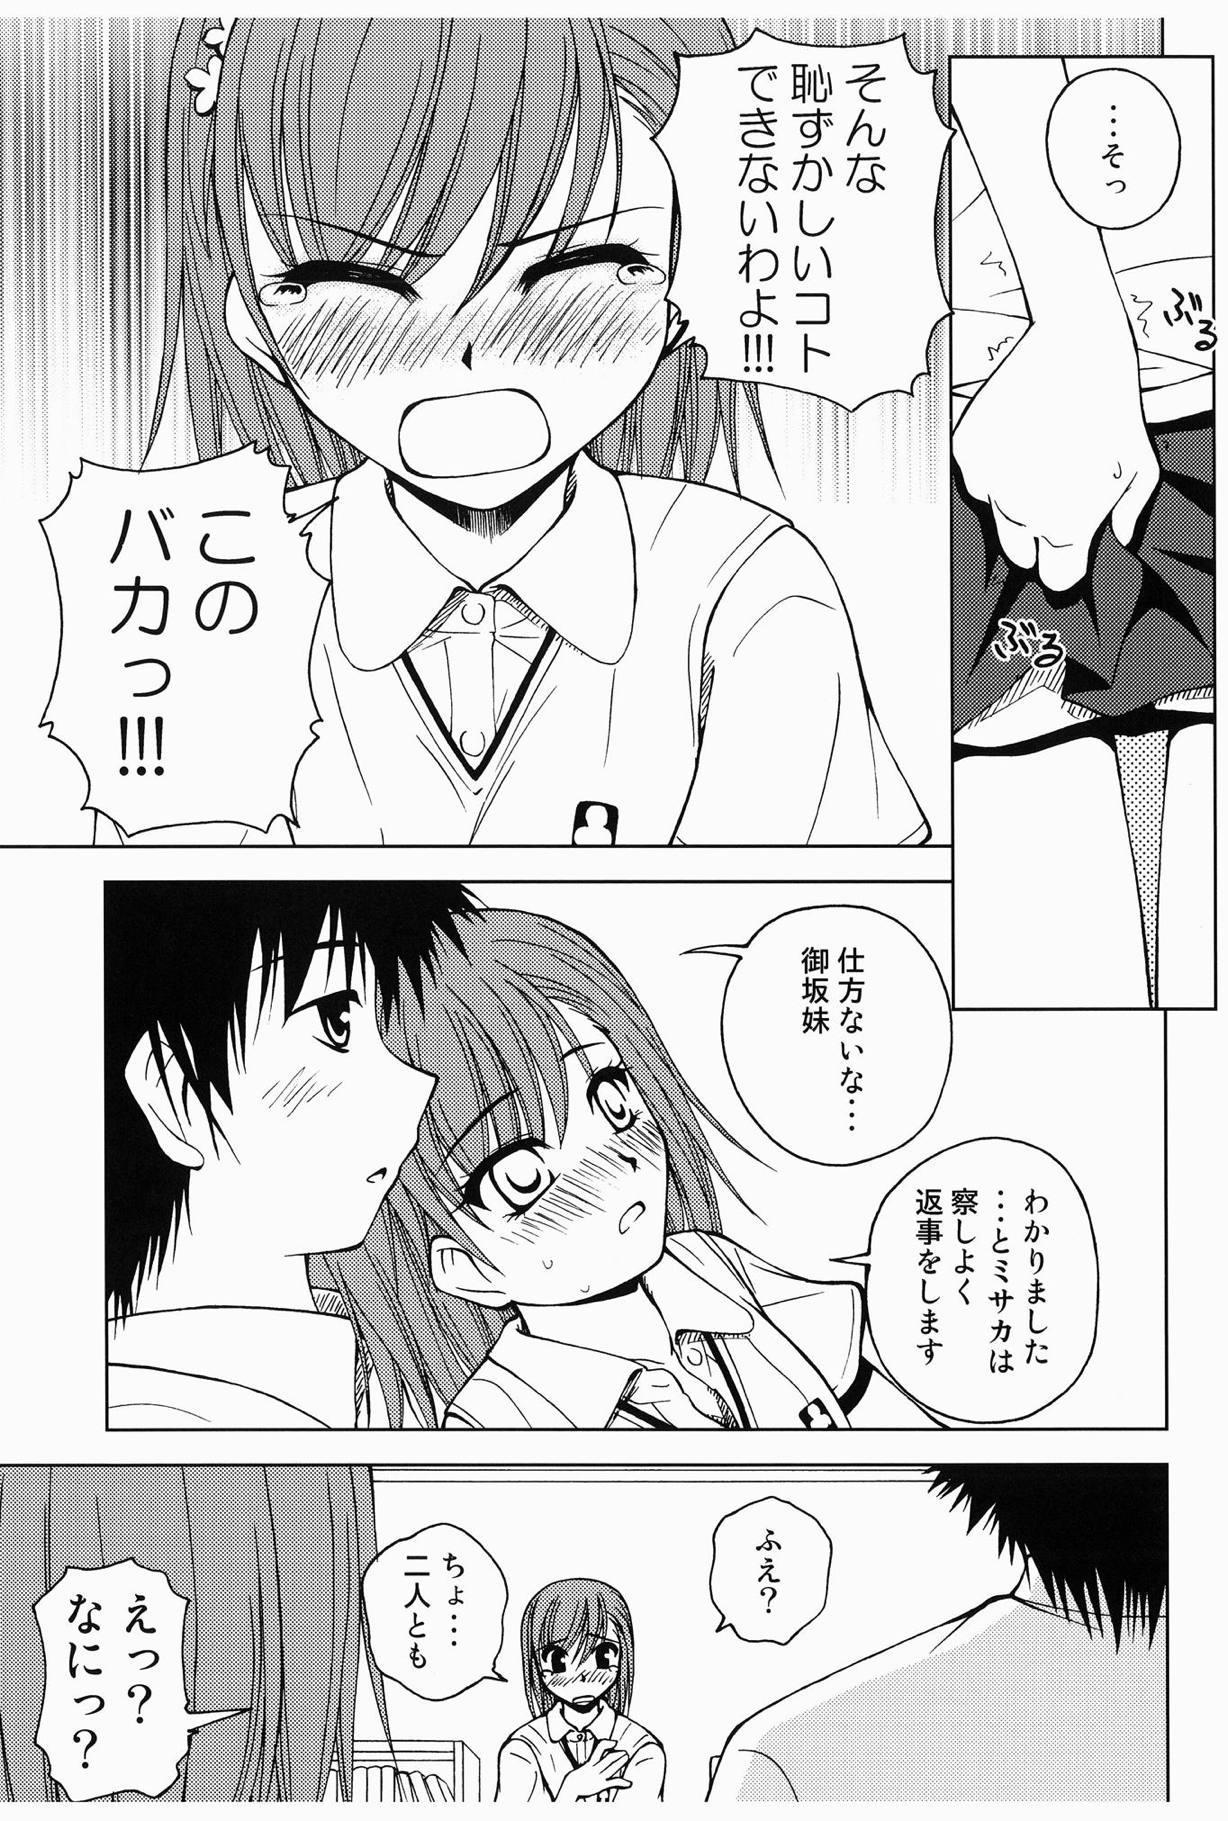 Touma to Misaka to Railgun 13